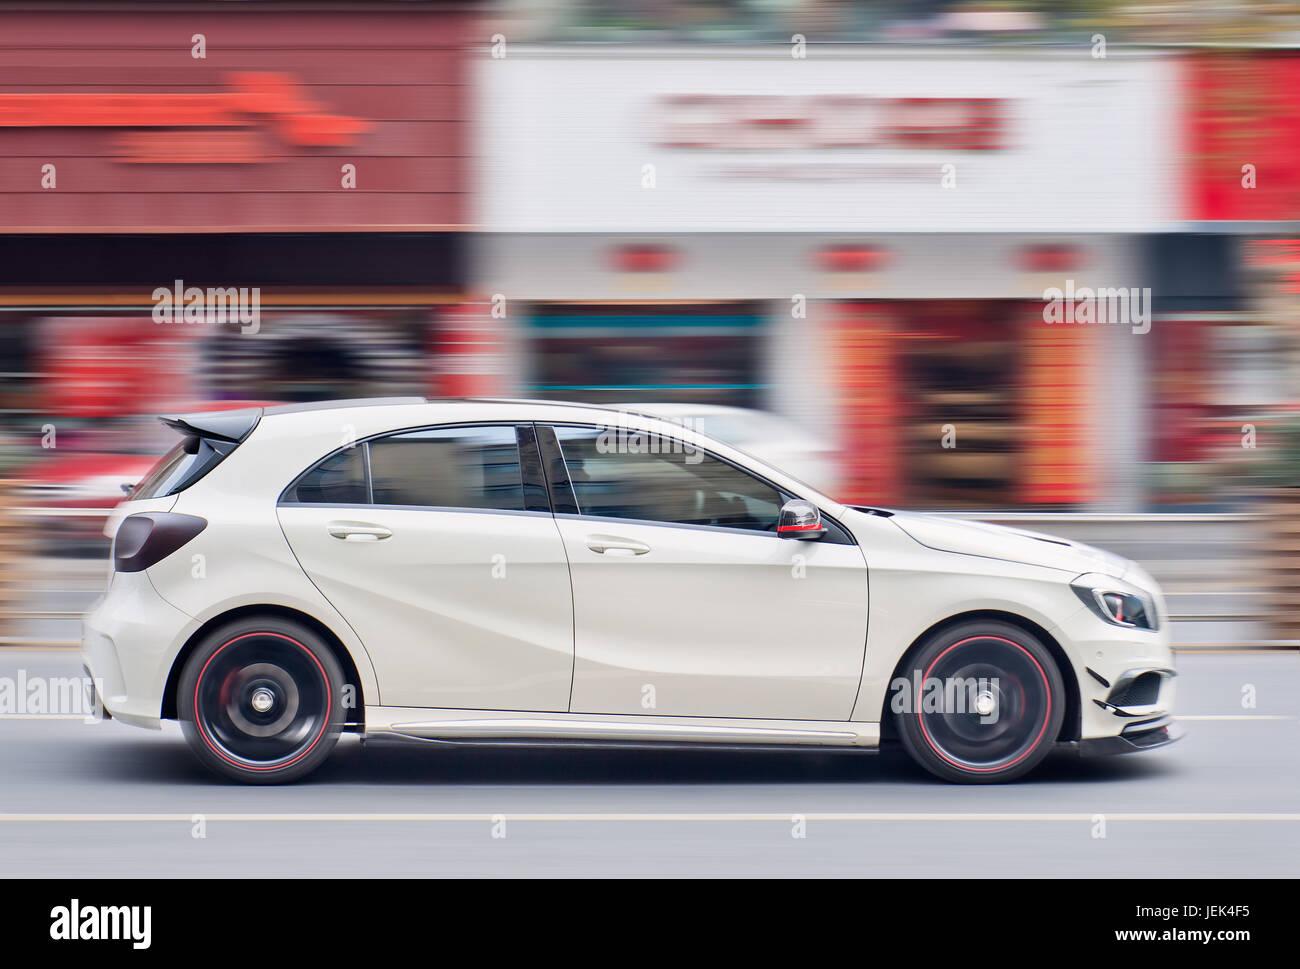 Mercedes A Class Amg Stock Photos A190 Wiring Diagram Benz